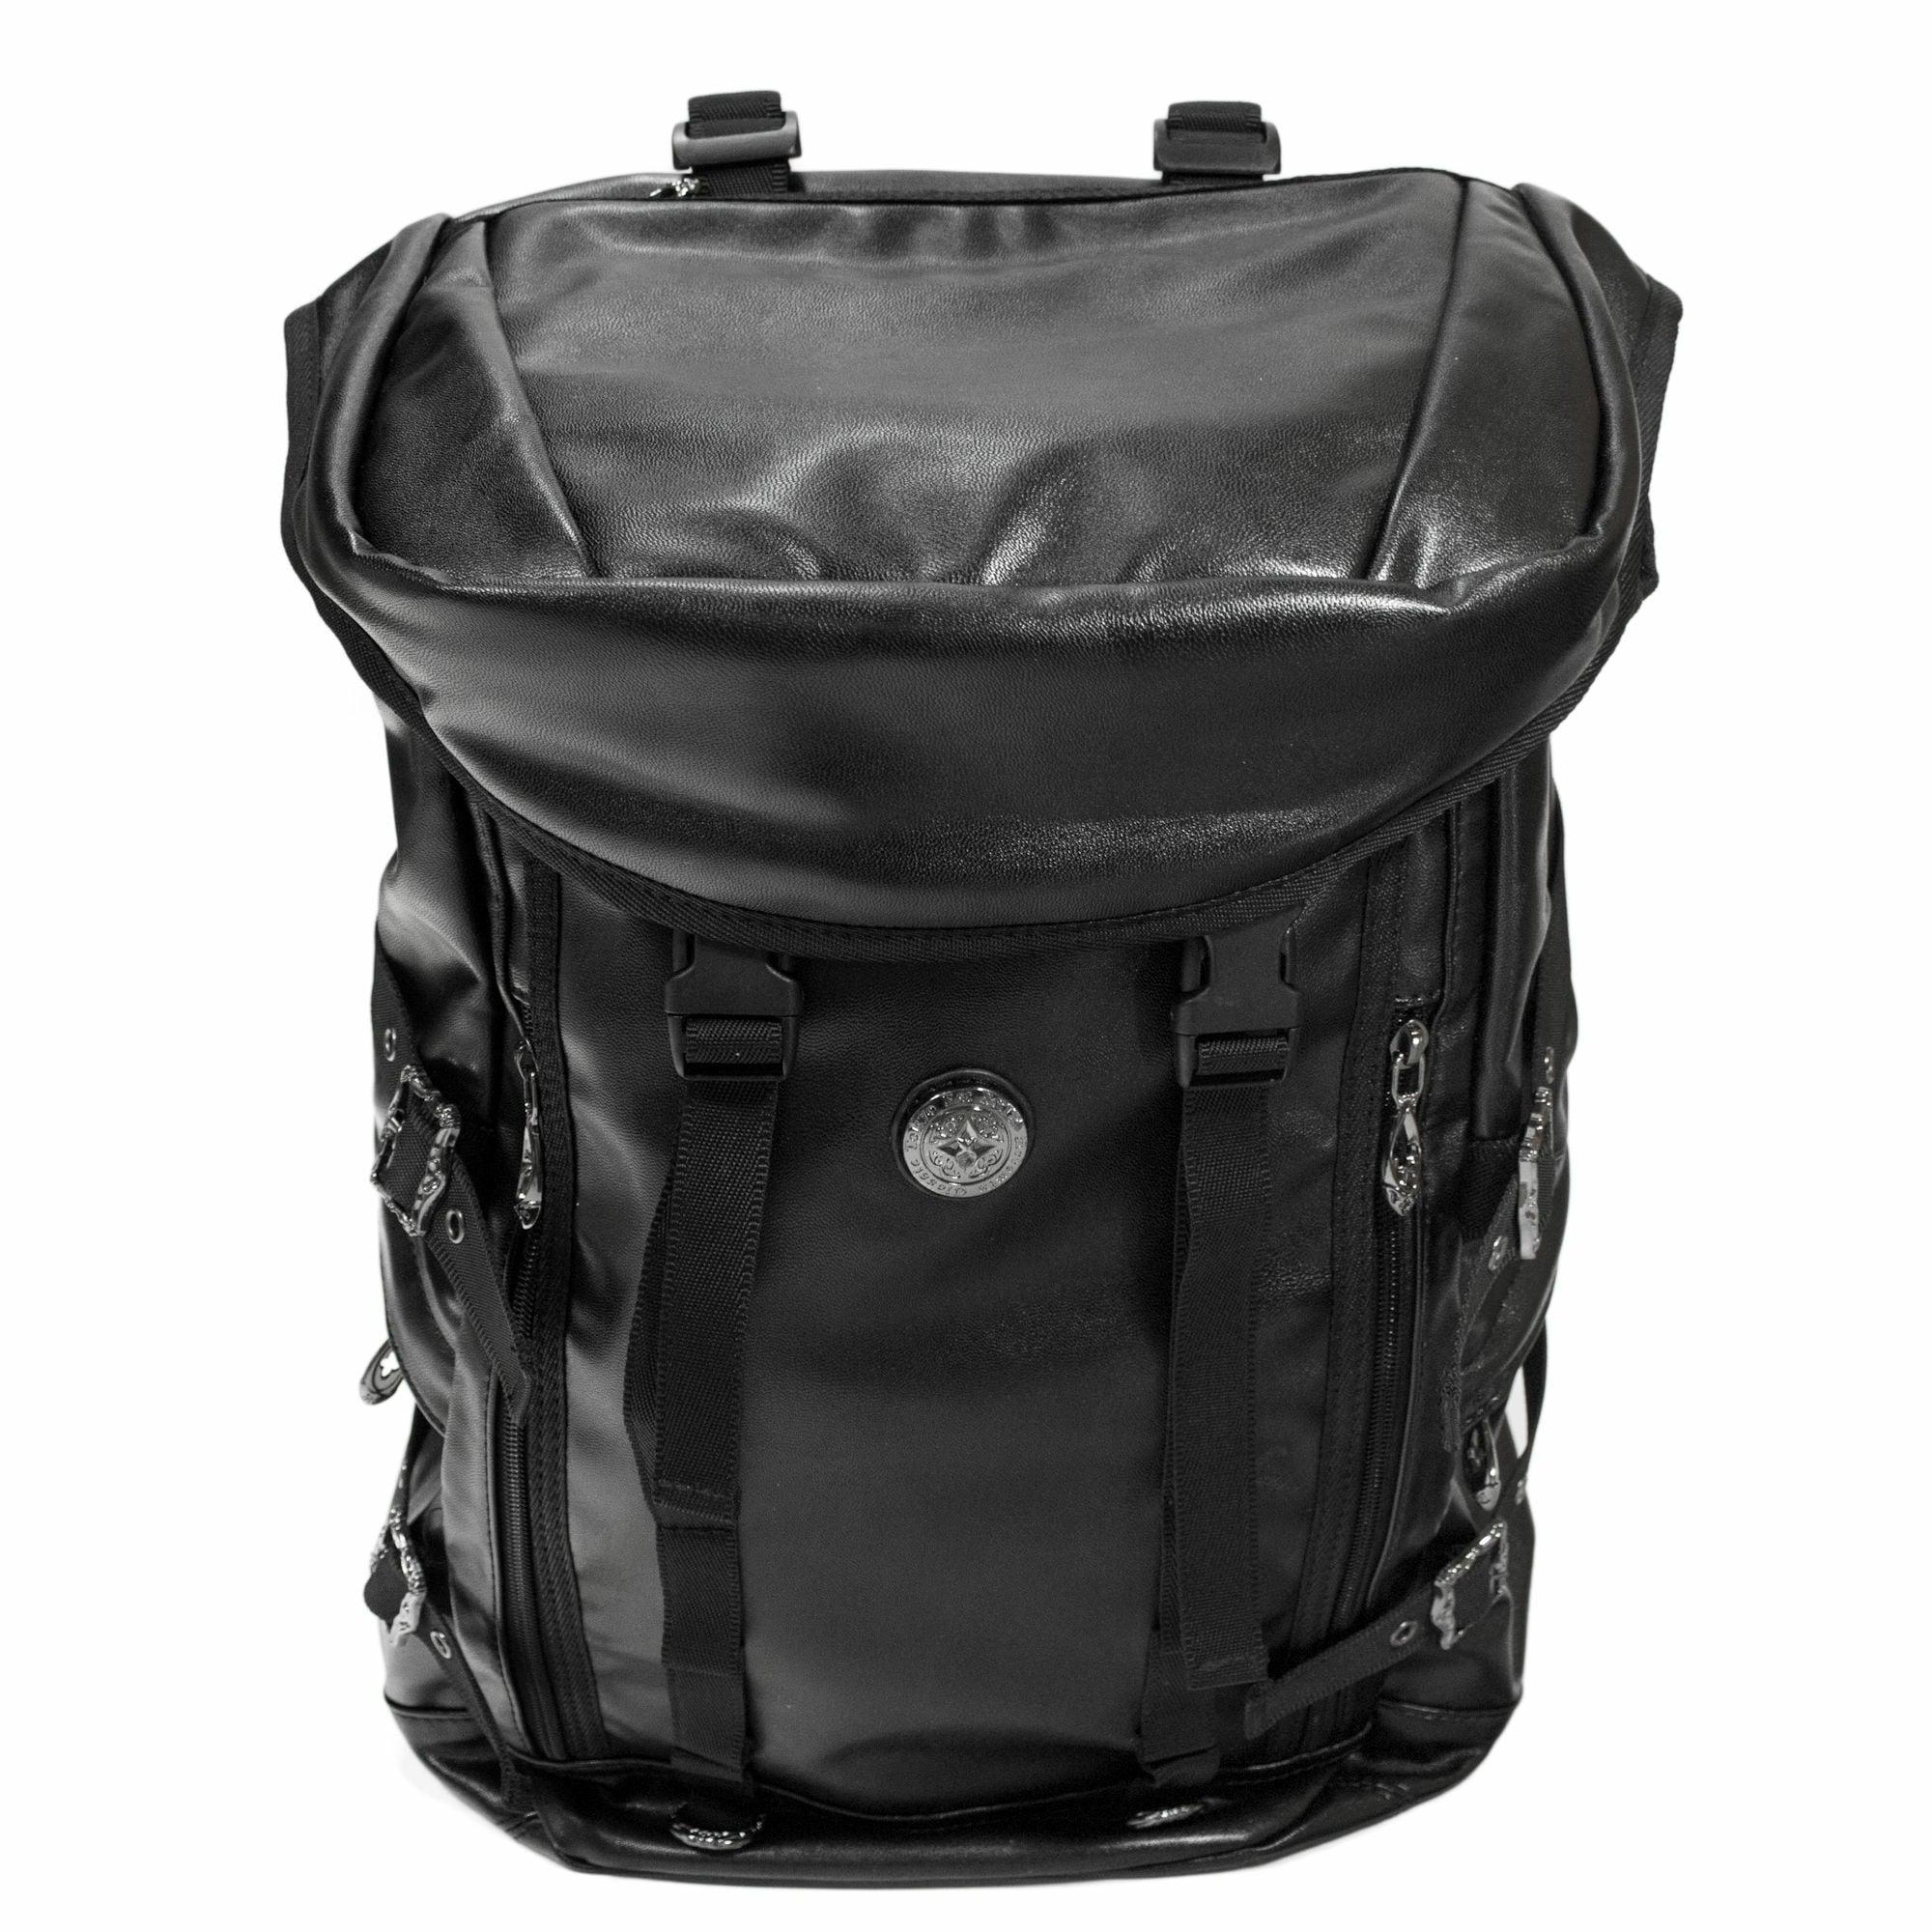 ゴシカルバッグパック ACBG0022 Gothical bag pack